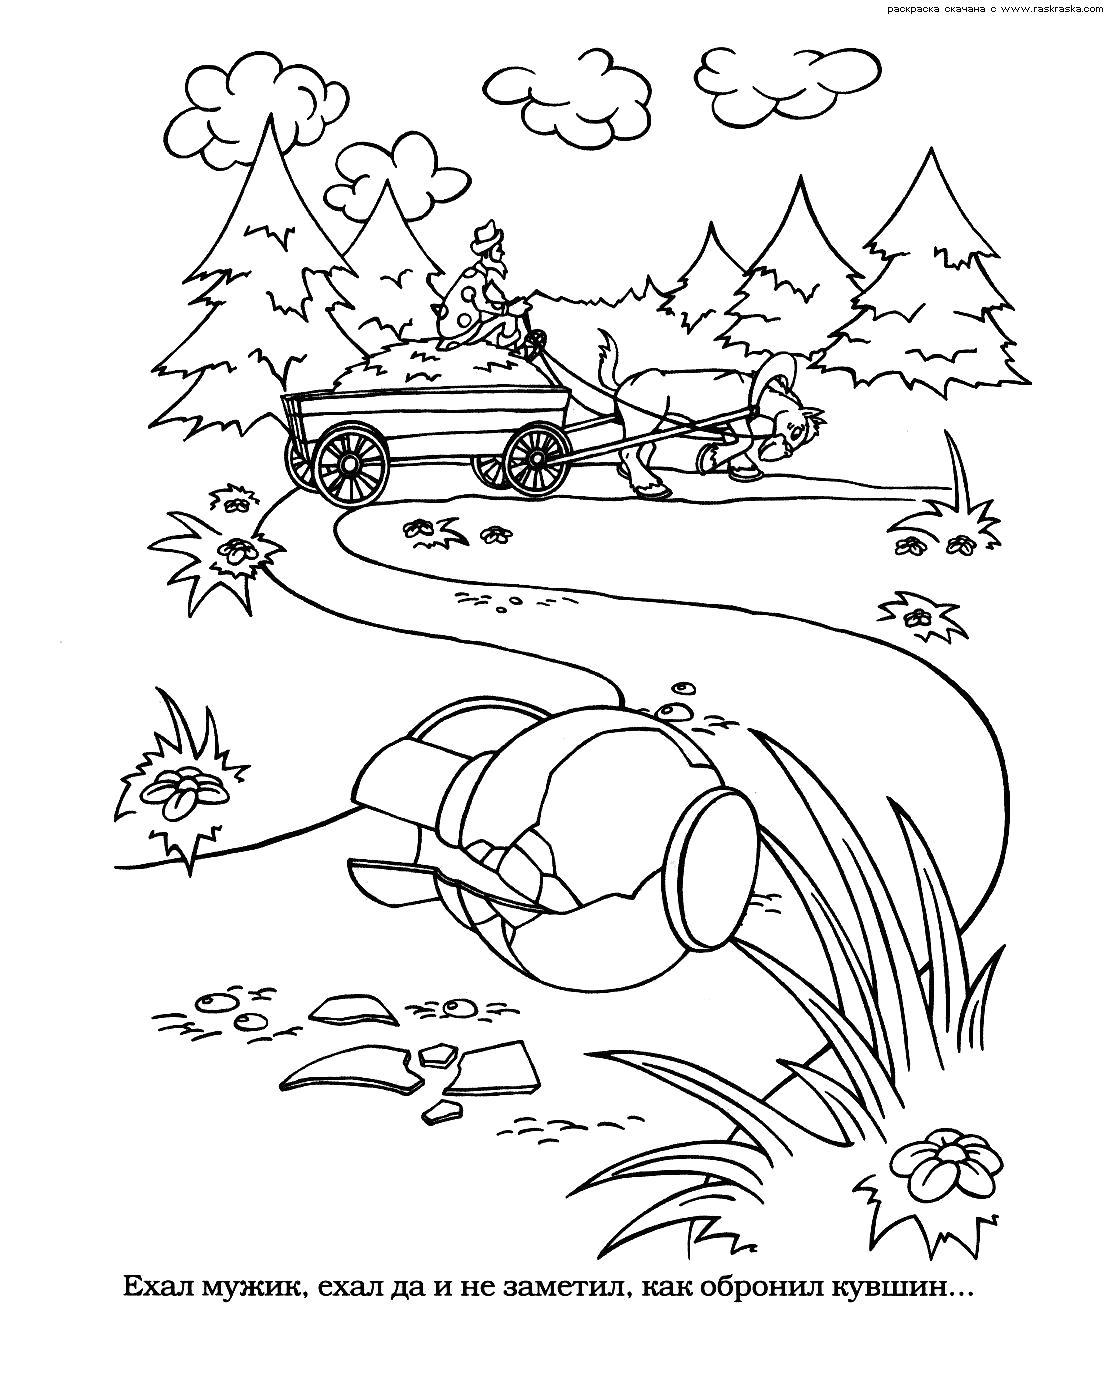 Раскраска  Обронил кувшин.  Разукрашка из сказки Теремок с текстом сказки Теремок, русская народная сказка Теремок для детей. Скачать Теремок.  Распечатать сказки